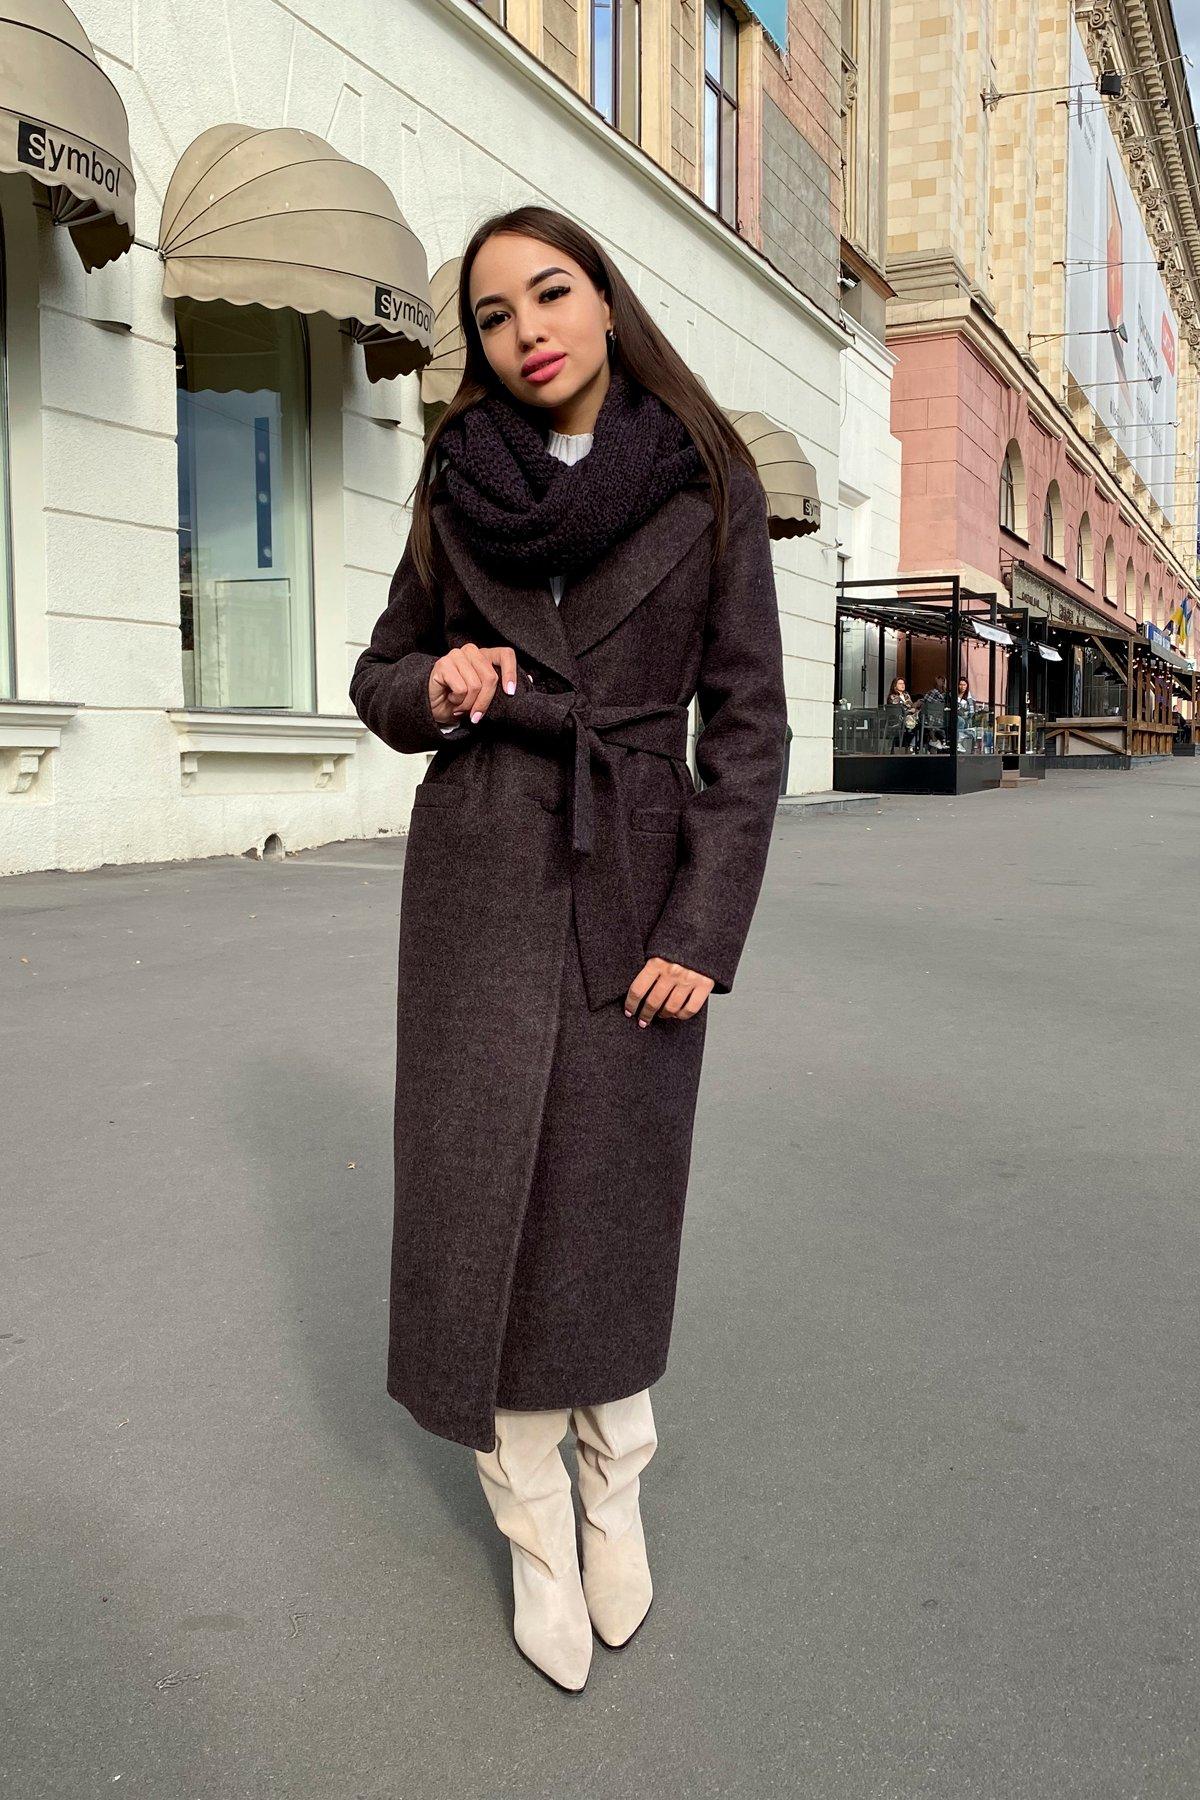 Длинное пальто зима Вива макси 8341 АРТ. 44495 Цвет: Шоколад 7 - фото 18, интернет магазин tm-modus.ru